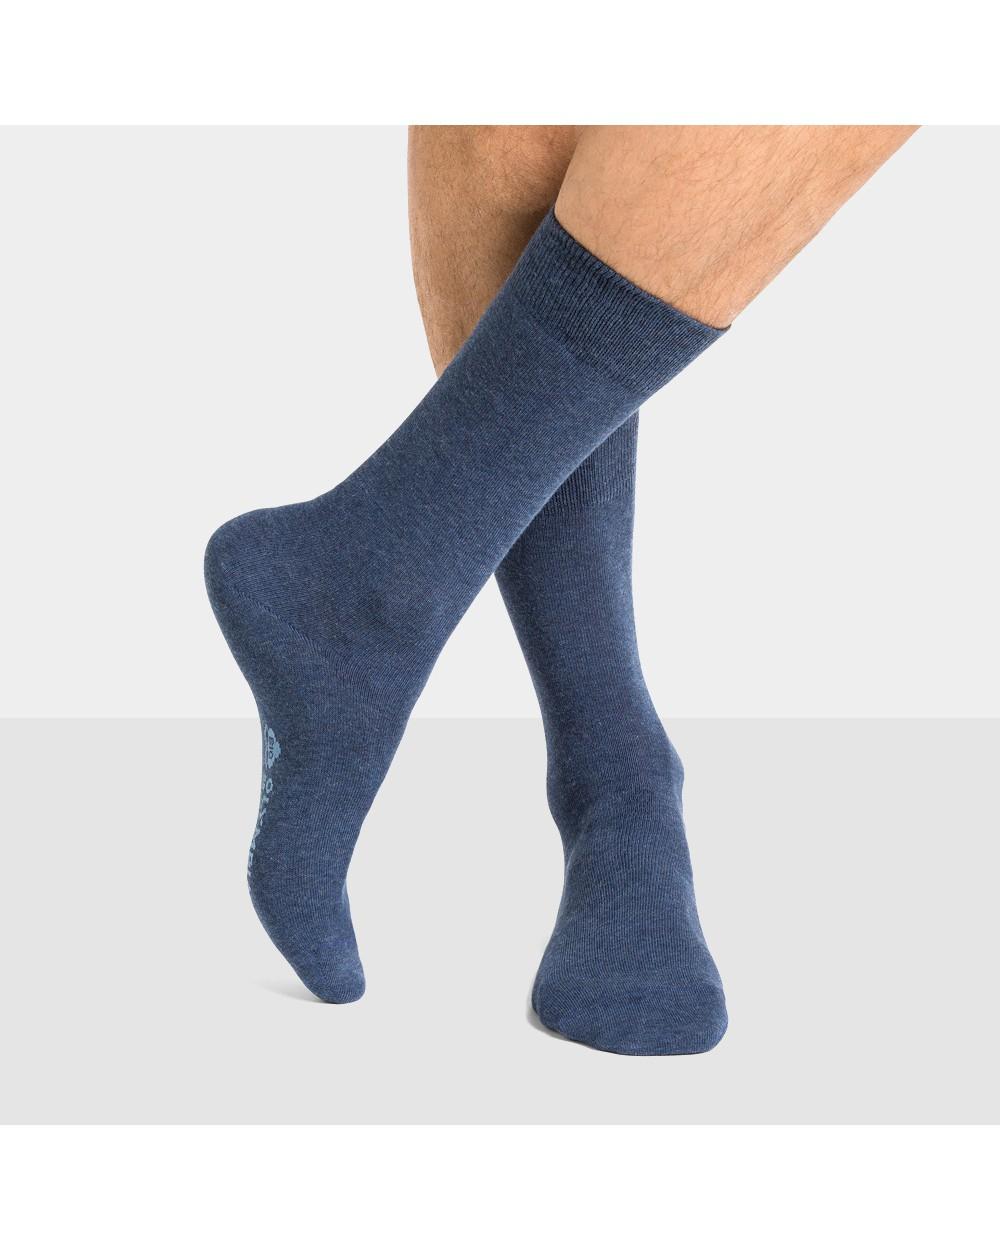 Chaussettes coton bio unies